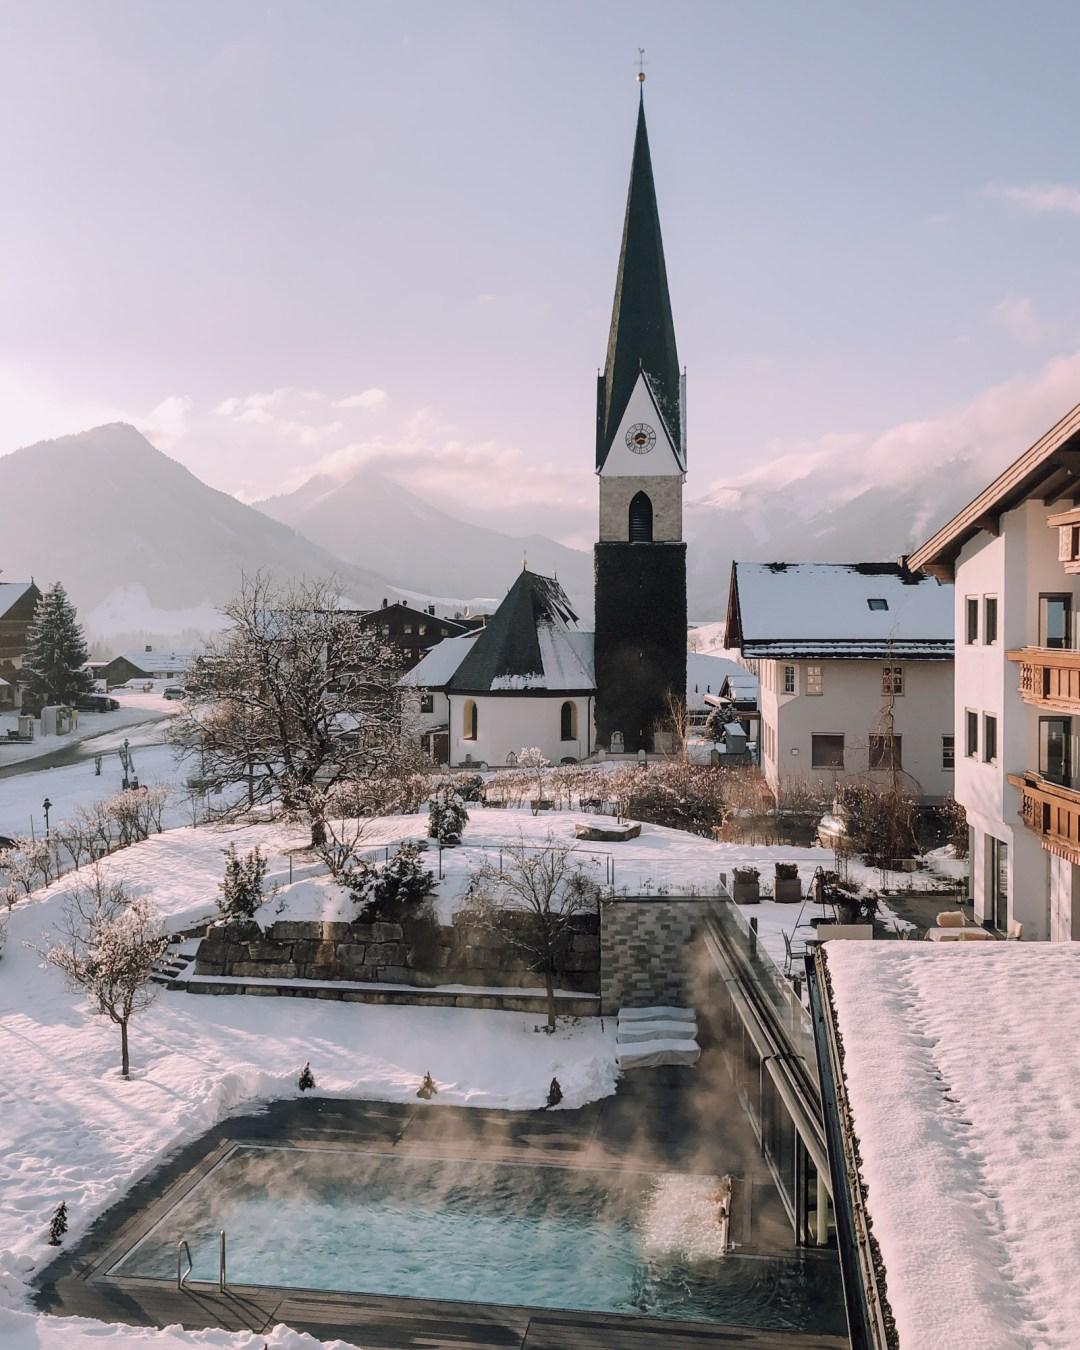 Inastil, Juffing, Hinterthiersee, Wellnesshotel, Spa, Tirol, Winterurlaub, Wellnessurlaub, Winterwonderland, Kurzurlaub, Auszeit, Natur, Ü50Blogger, Reiseblogger,_-54